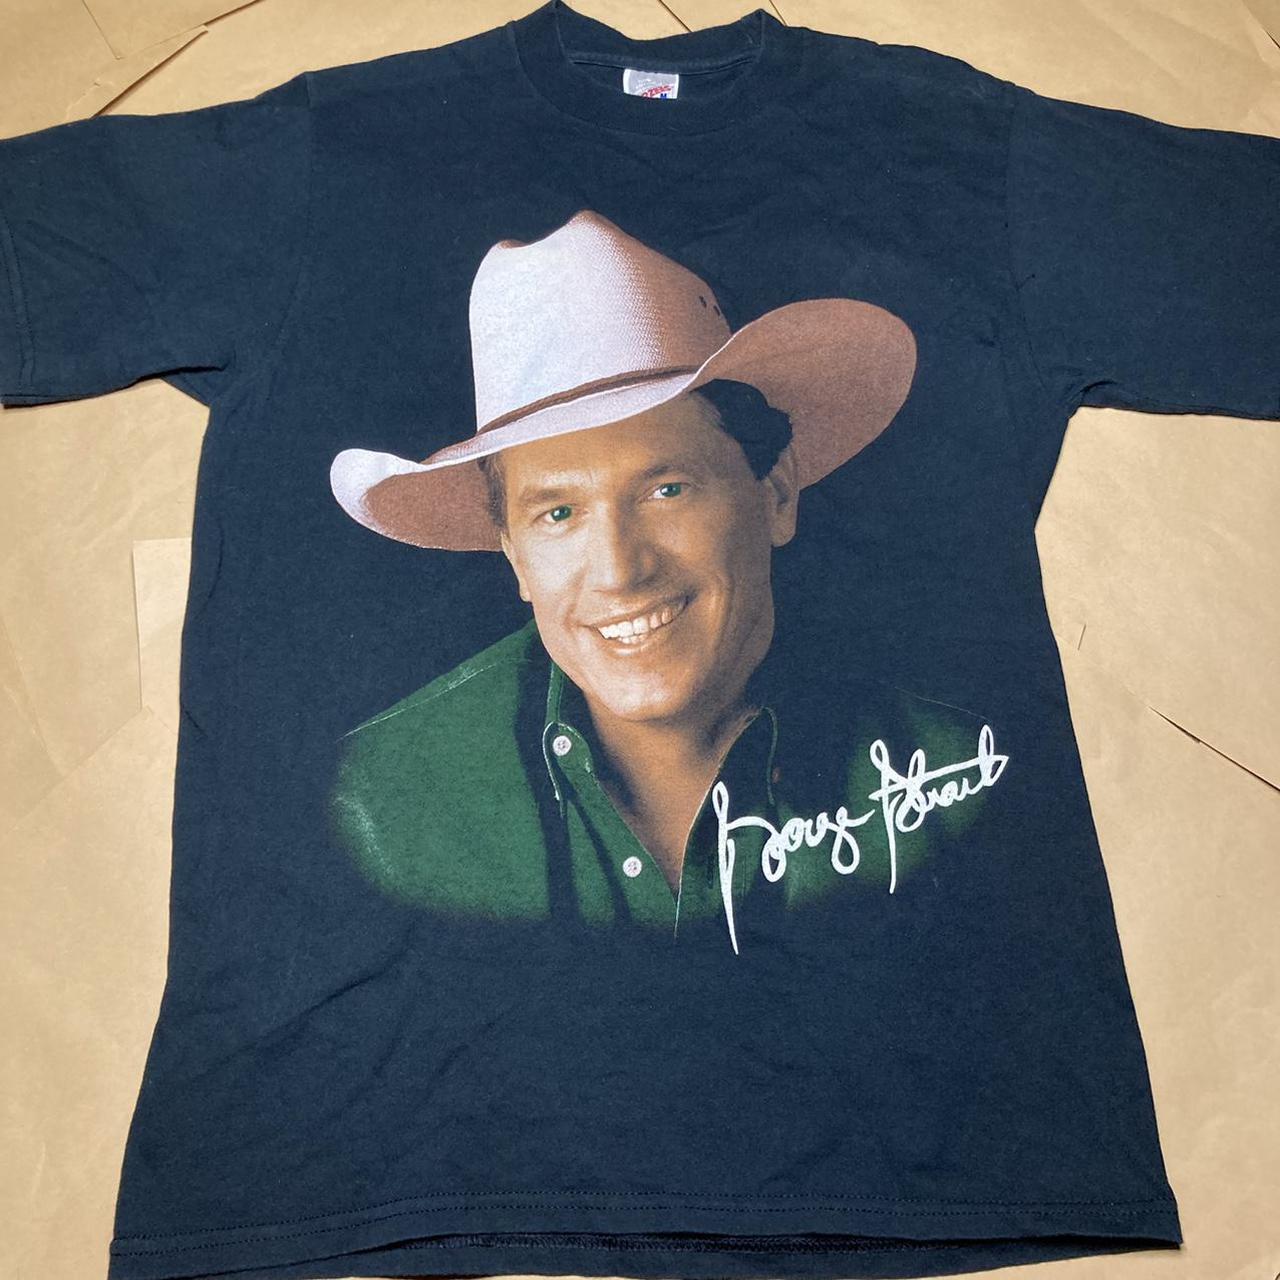 Product Image 1 - 1998 George Strait Concert T-Shirt  Pit